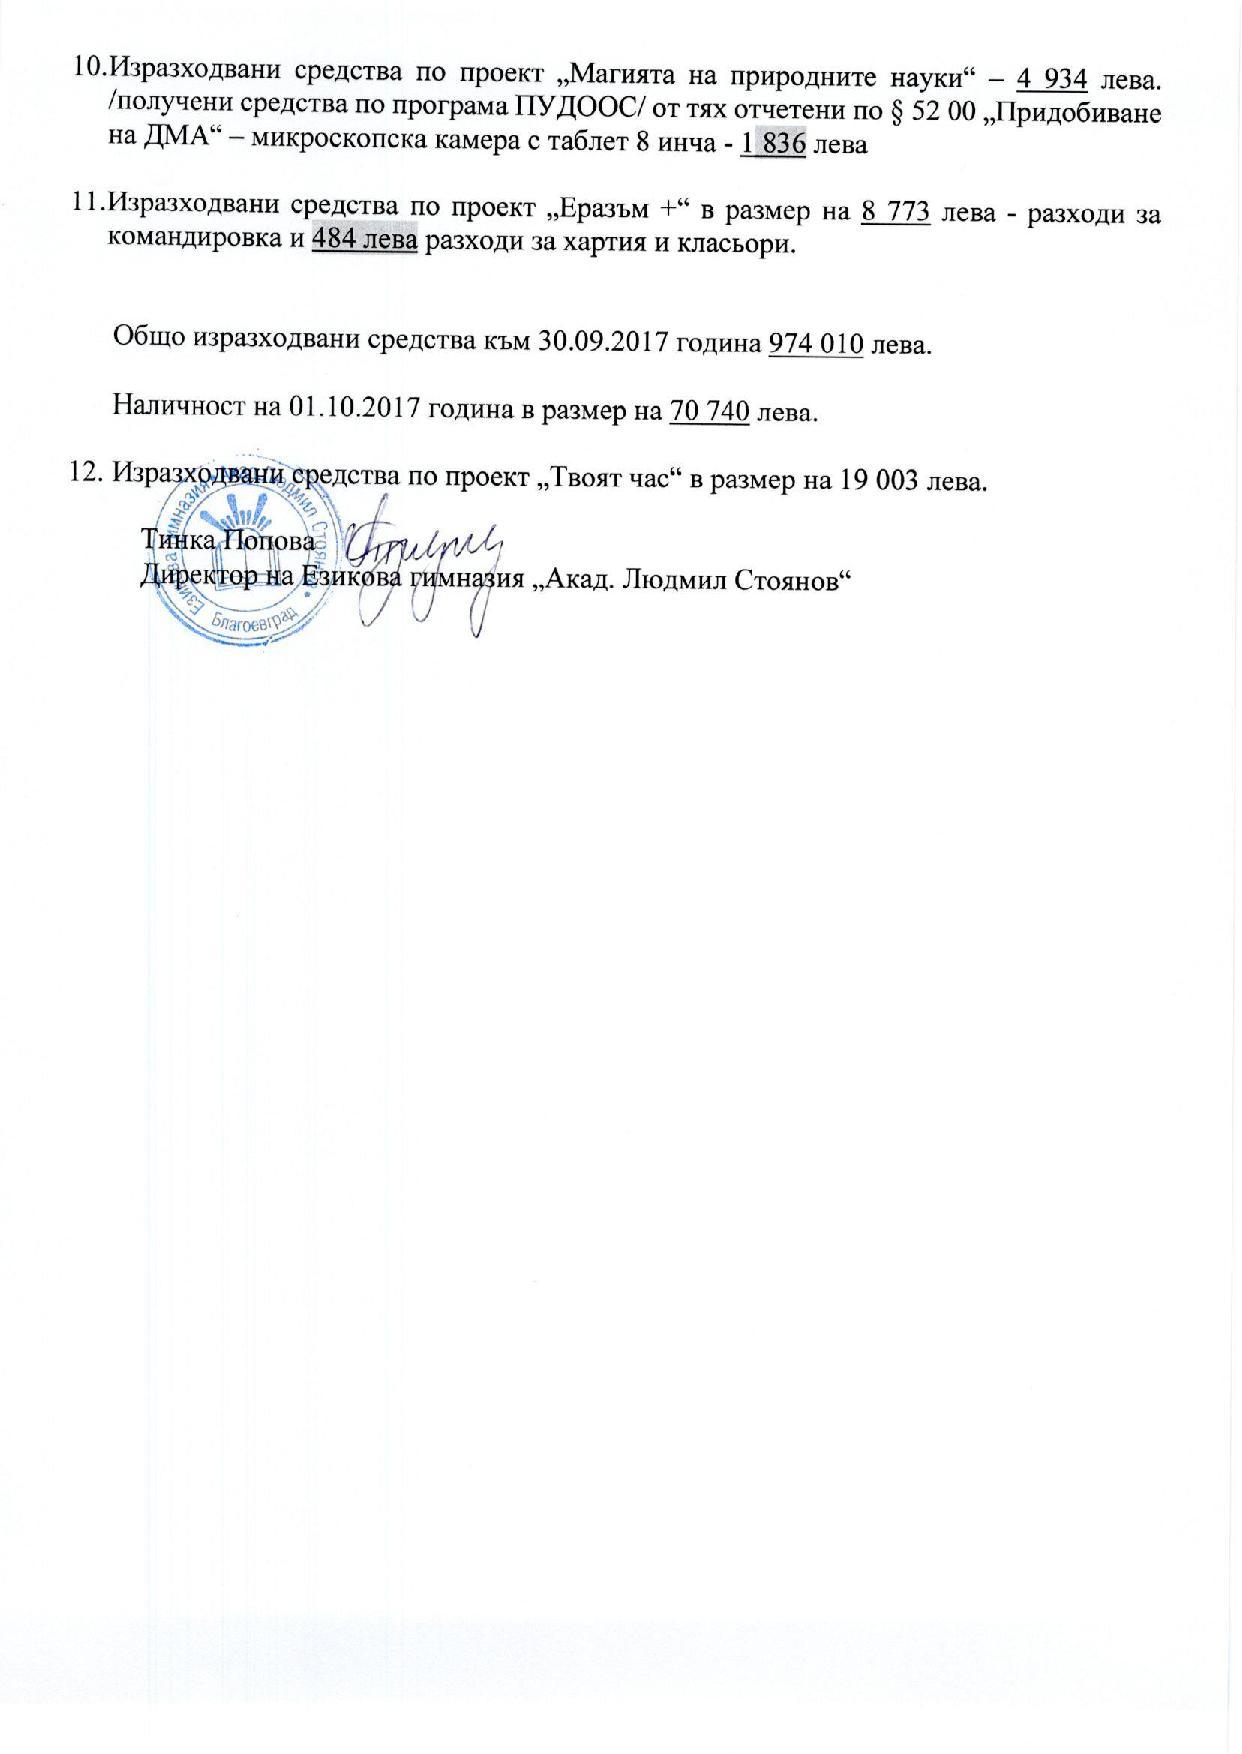 Otchet 30.09.2017 page 008